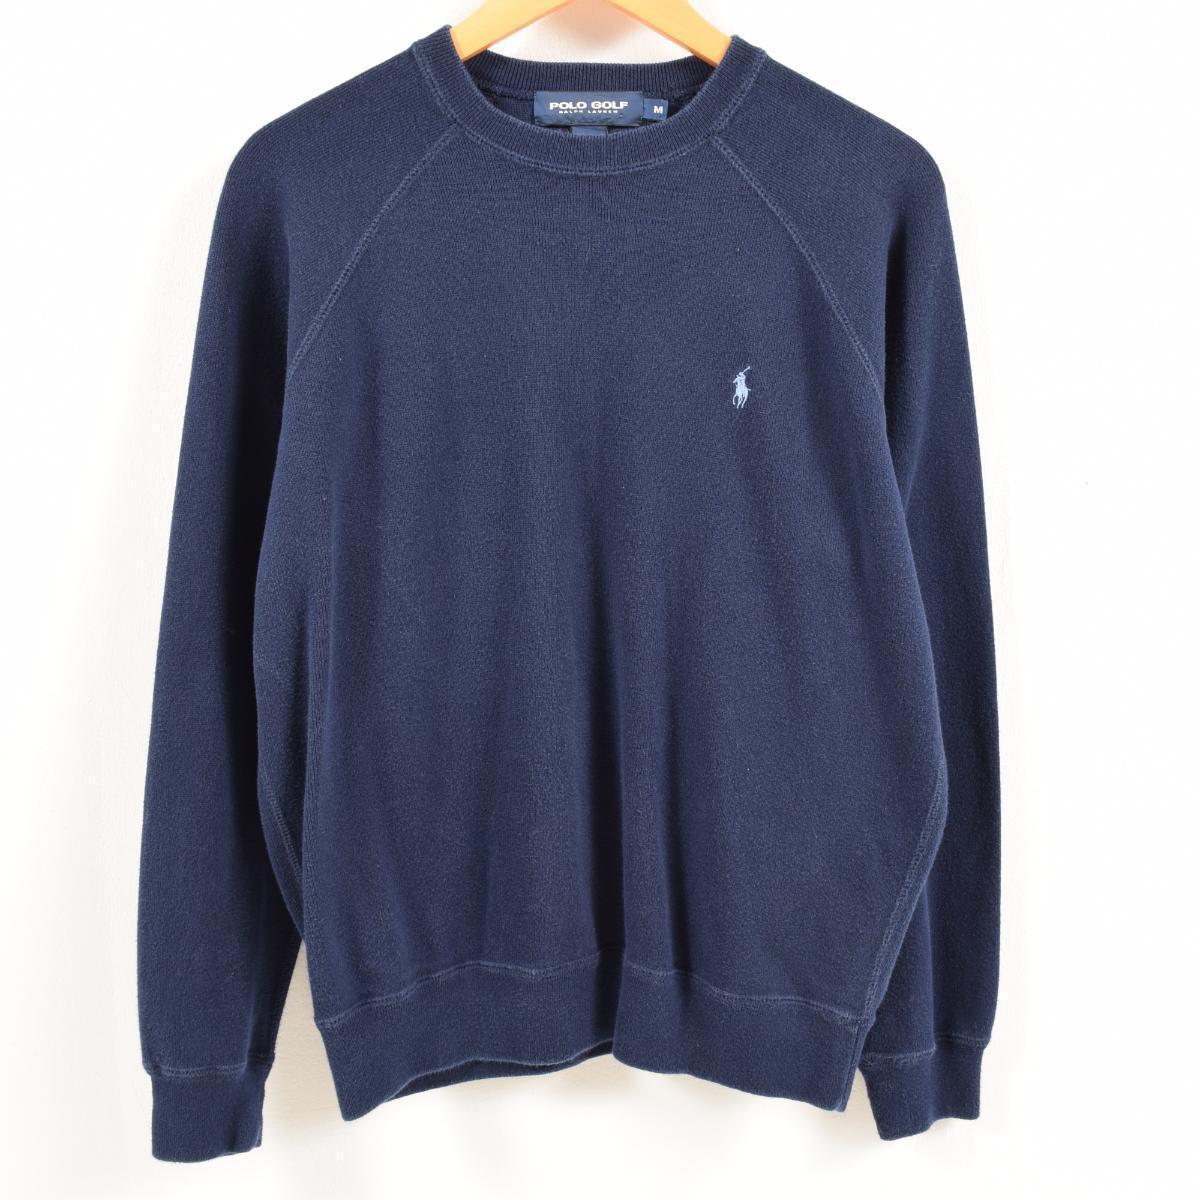 80a4d0094c2 Men S  waq1302 made in Ralph Lauren Ralph Lauren POLO GOLF polo golf cotton  knit sweater USA